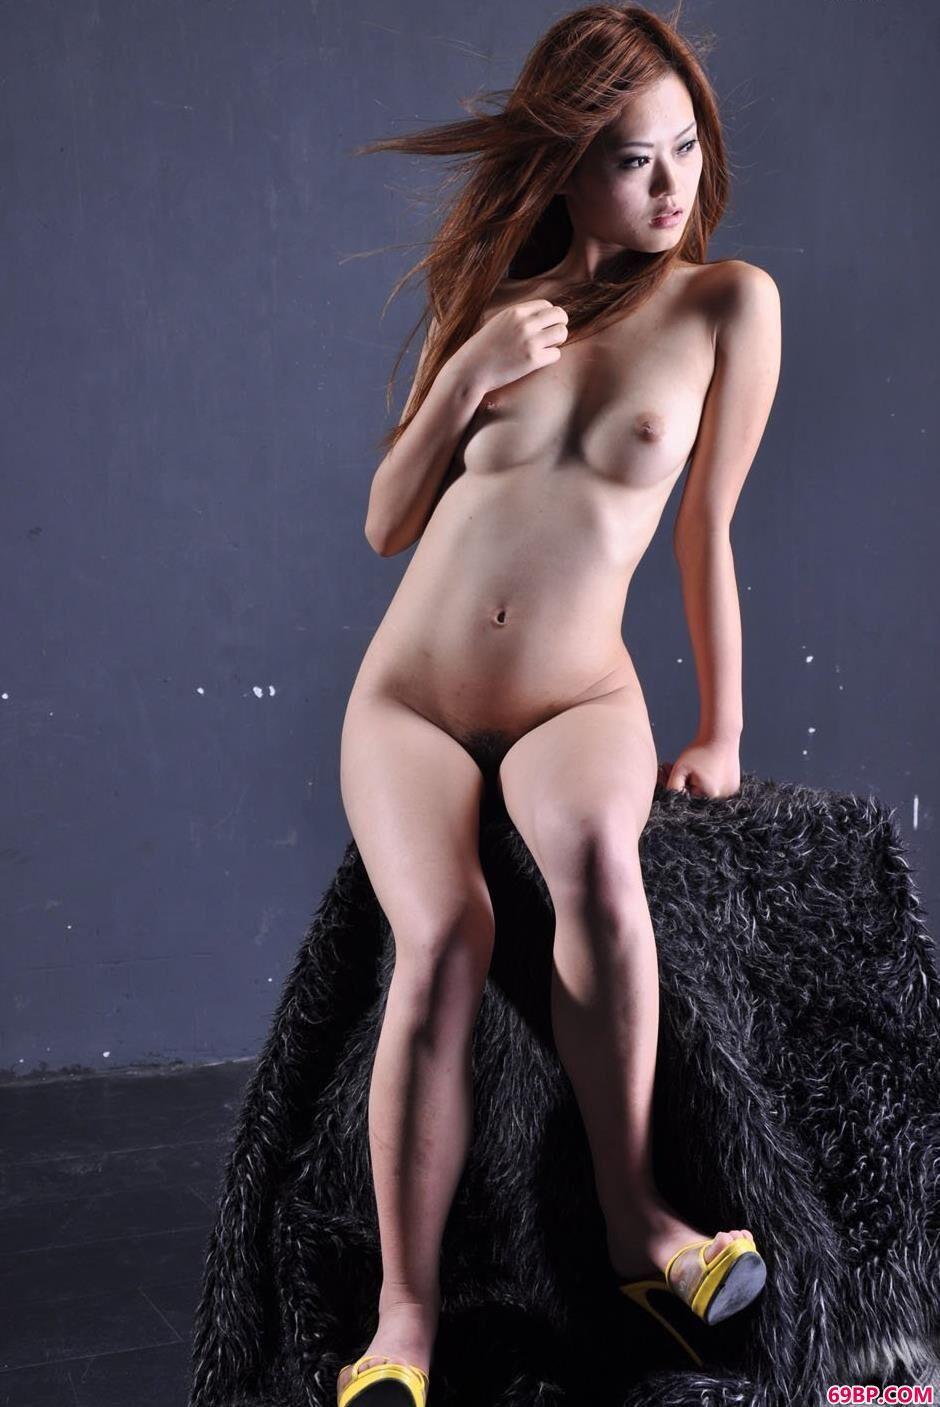 靓女小雅图片棚里的魅惑美体2